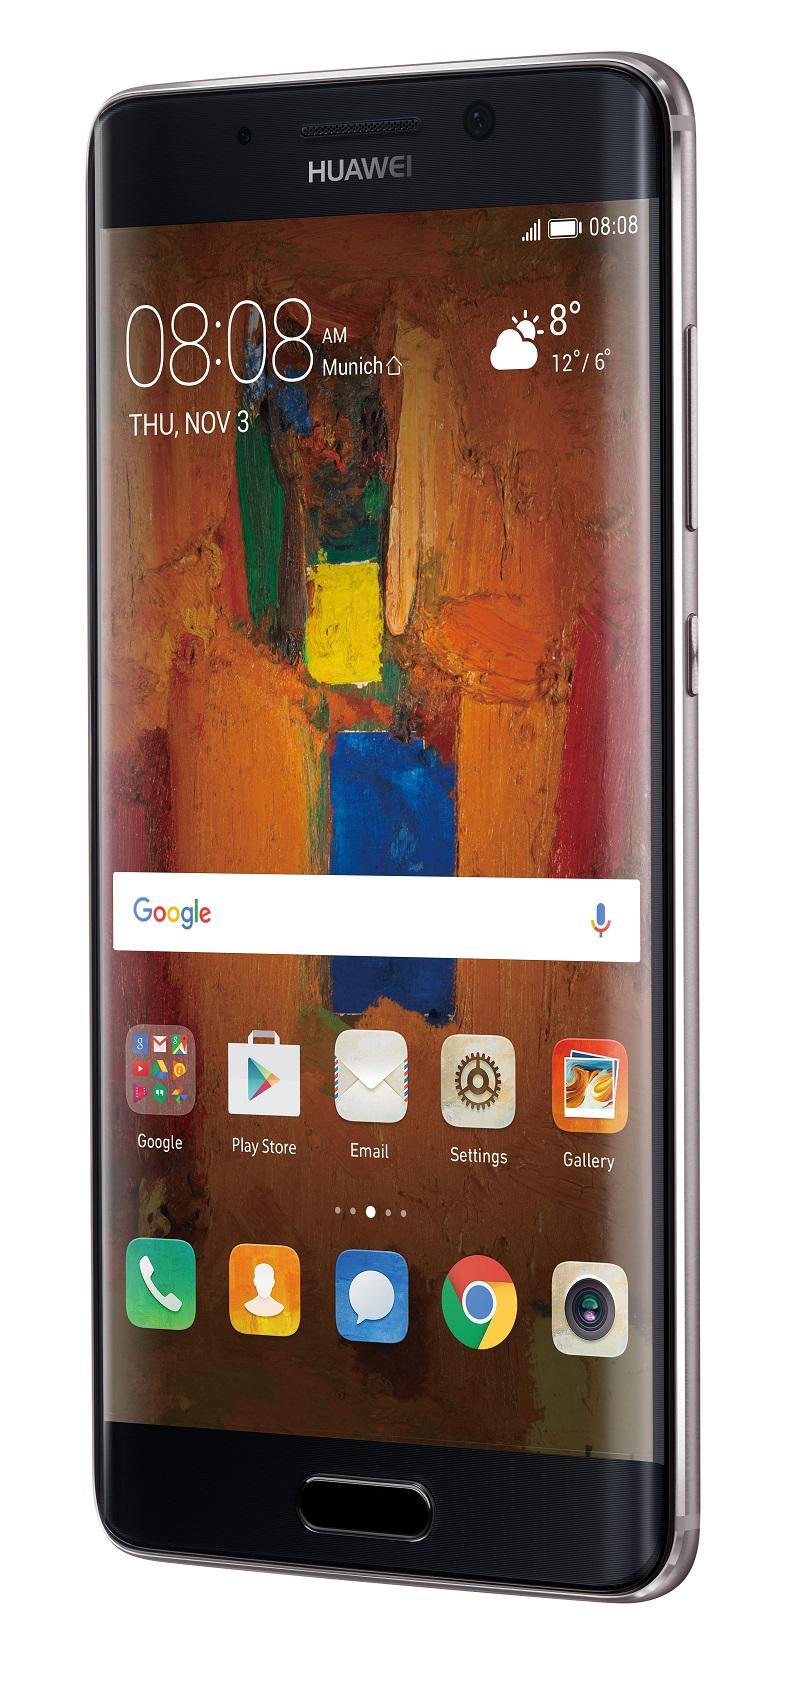 Huawei Mate 9 Pro Dual Sim Space GrayZDARMA Protiskluzová podložka pro mobilní telefony v hodnotě 199 Kč. + DOPRAVA ZDARMA